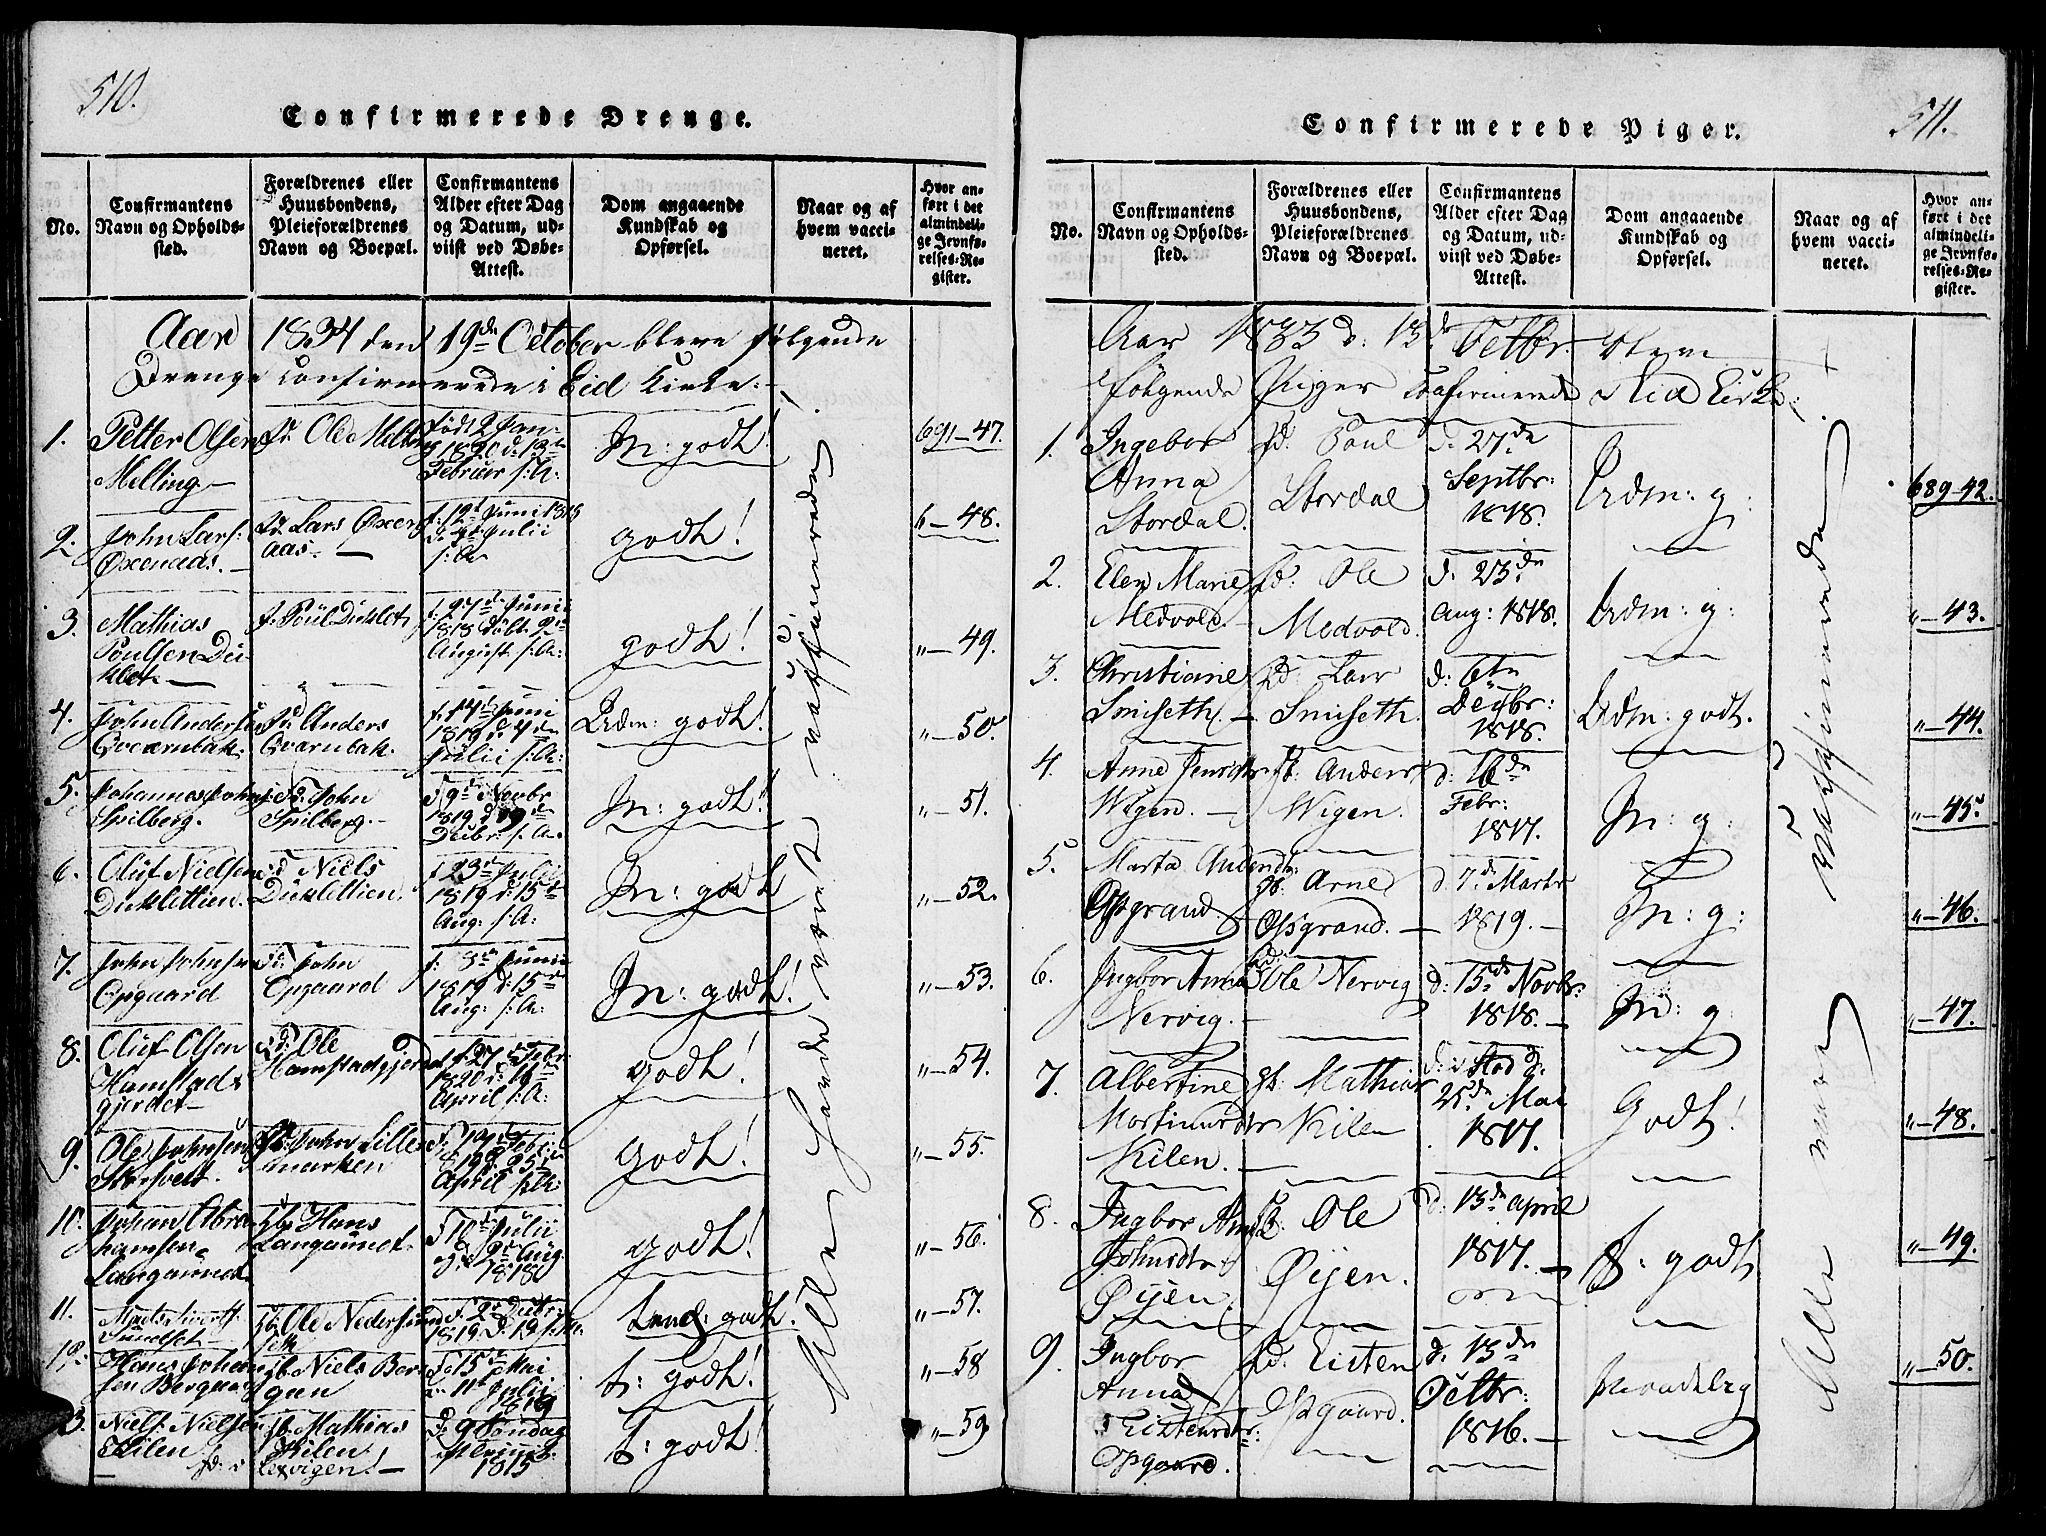 SAT, Ministerialprotokoller, klokkerbøker og fødselsregistre - Nord-Trøndelag, 733/L0322: Ministerialbok nr. 733A01, 1817-1842, s. 510-511